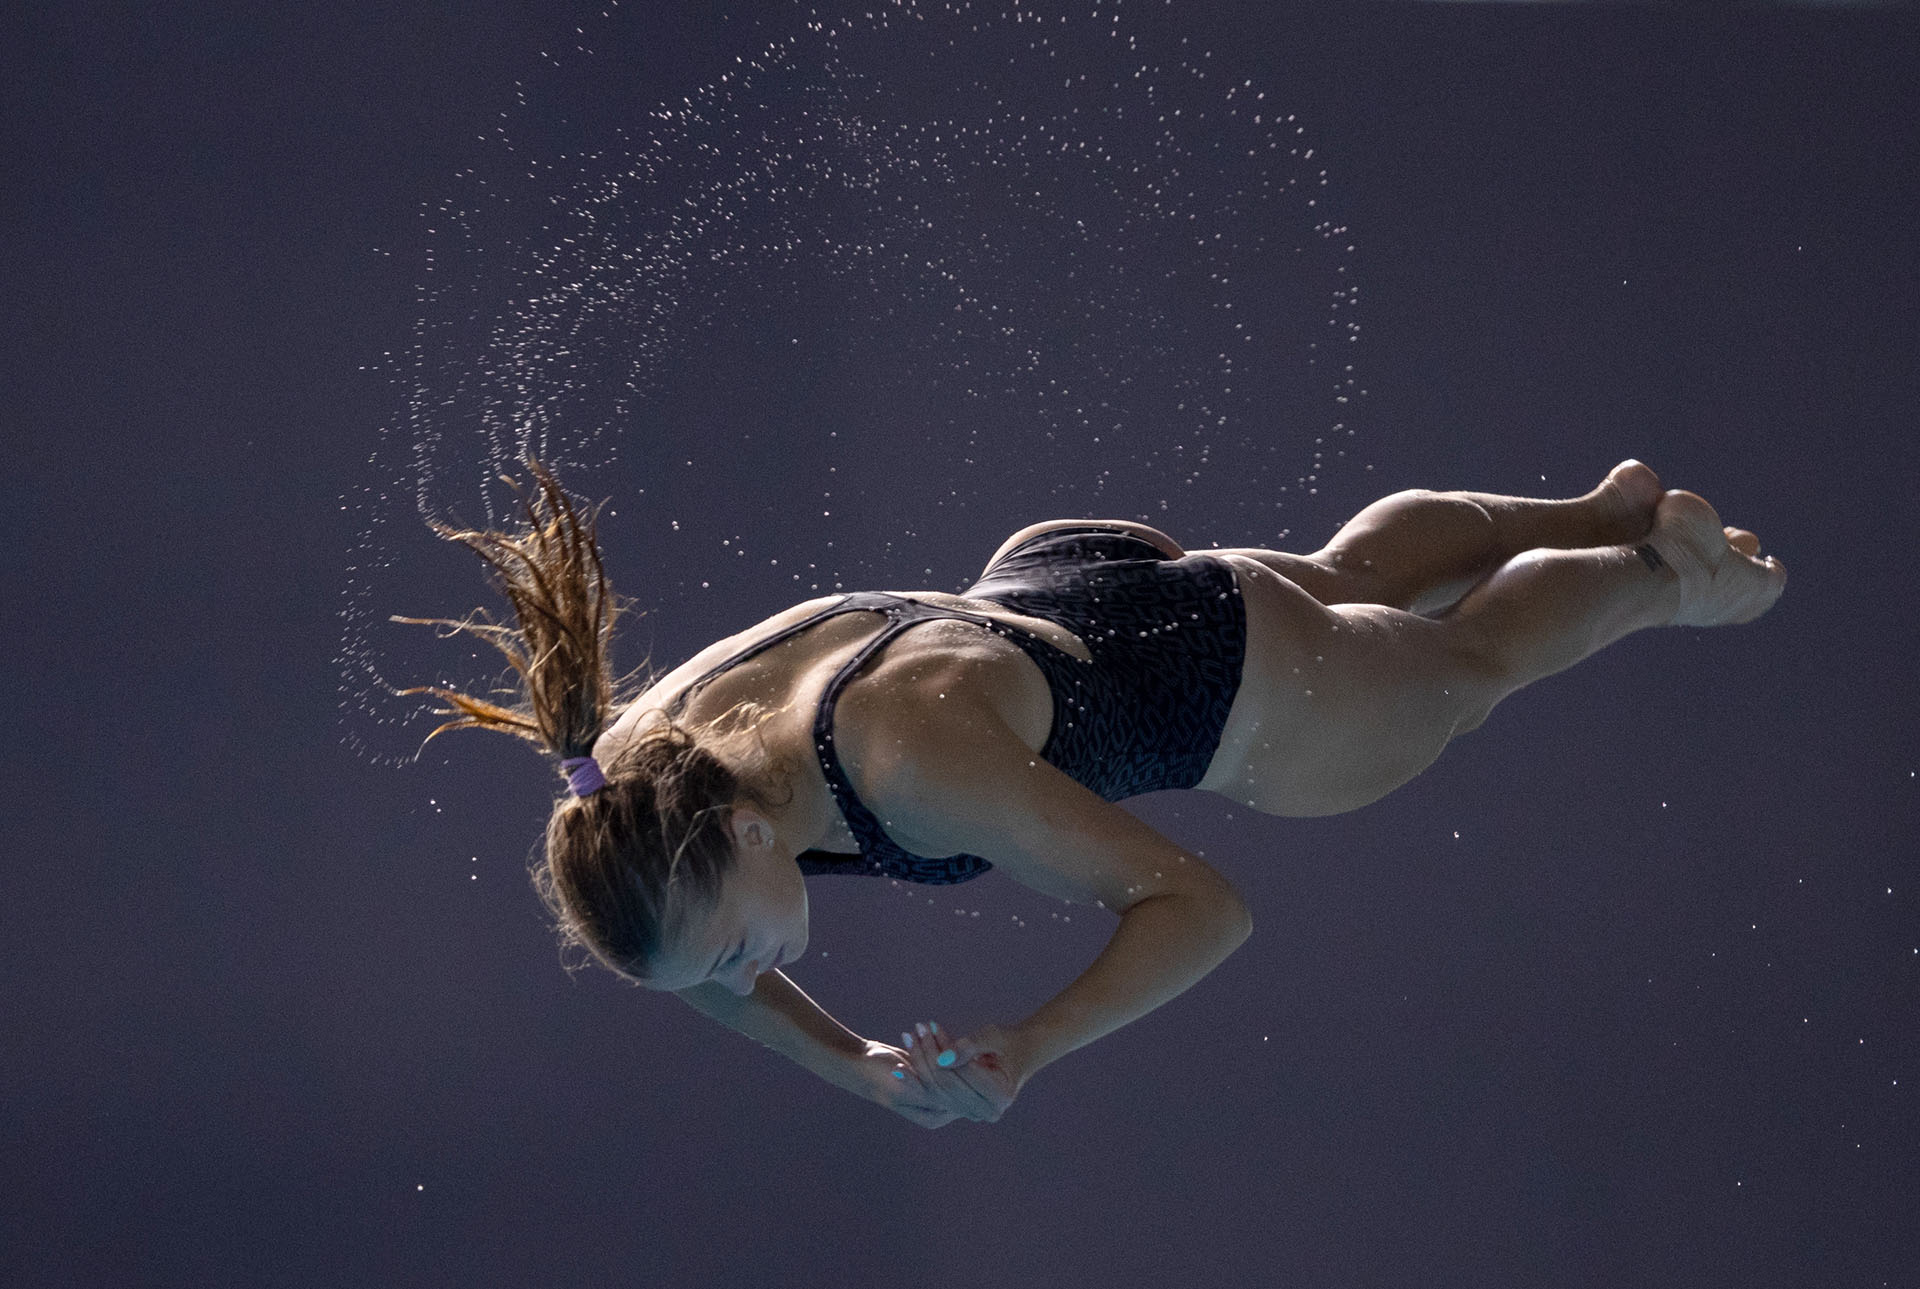 La ucraniana Sofiia Lyskun compitiendo en la preliminar de Trampolín para mujeresen el Natatorio Parque Olímpico de Buenos Aires(AFP)